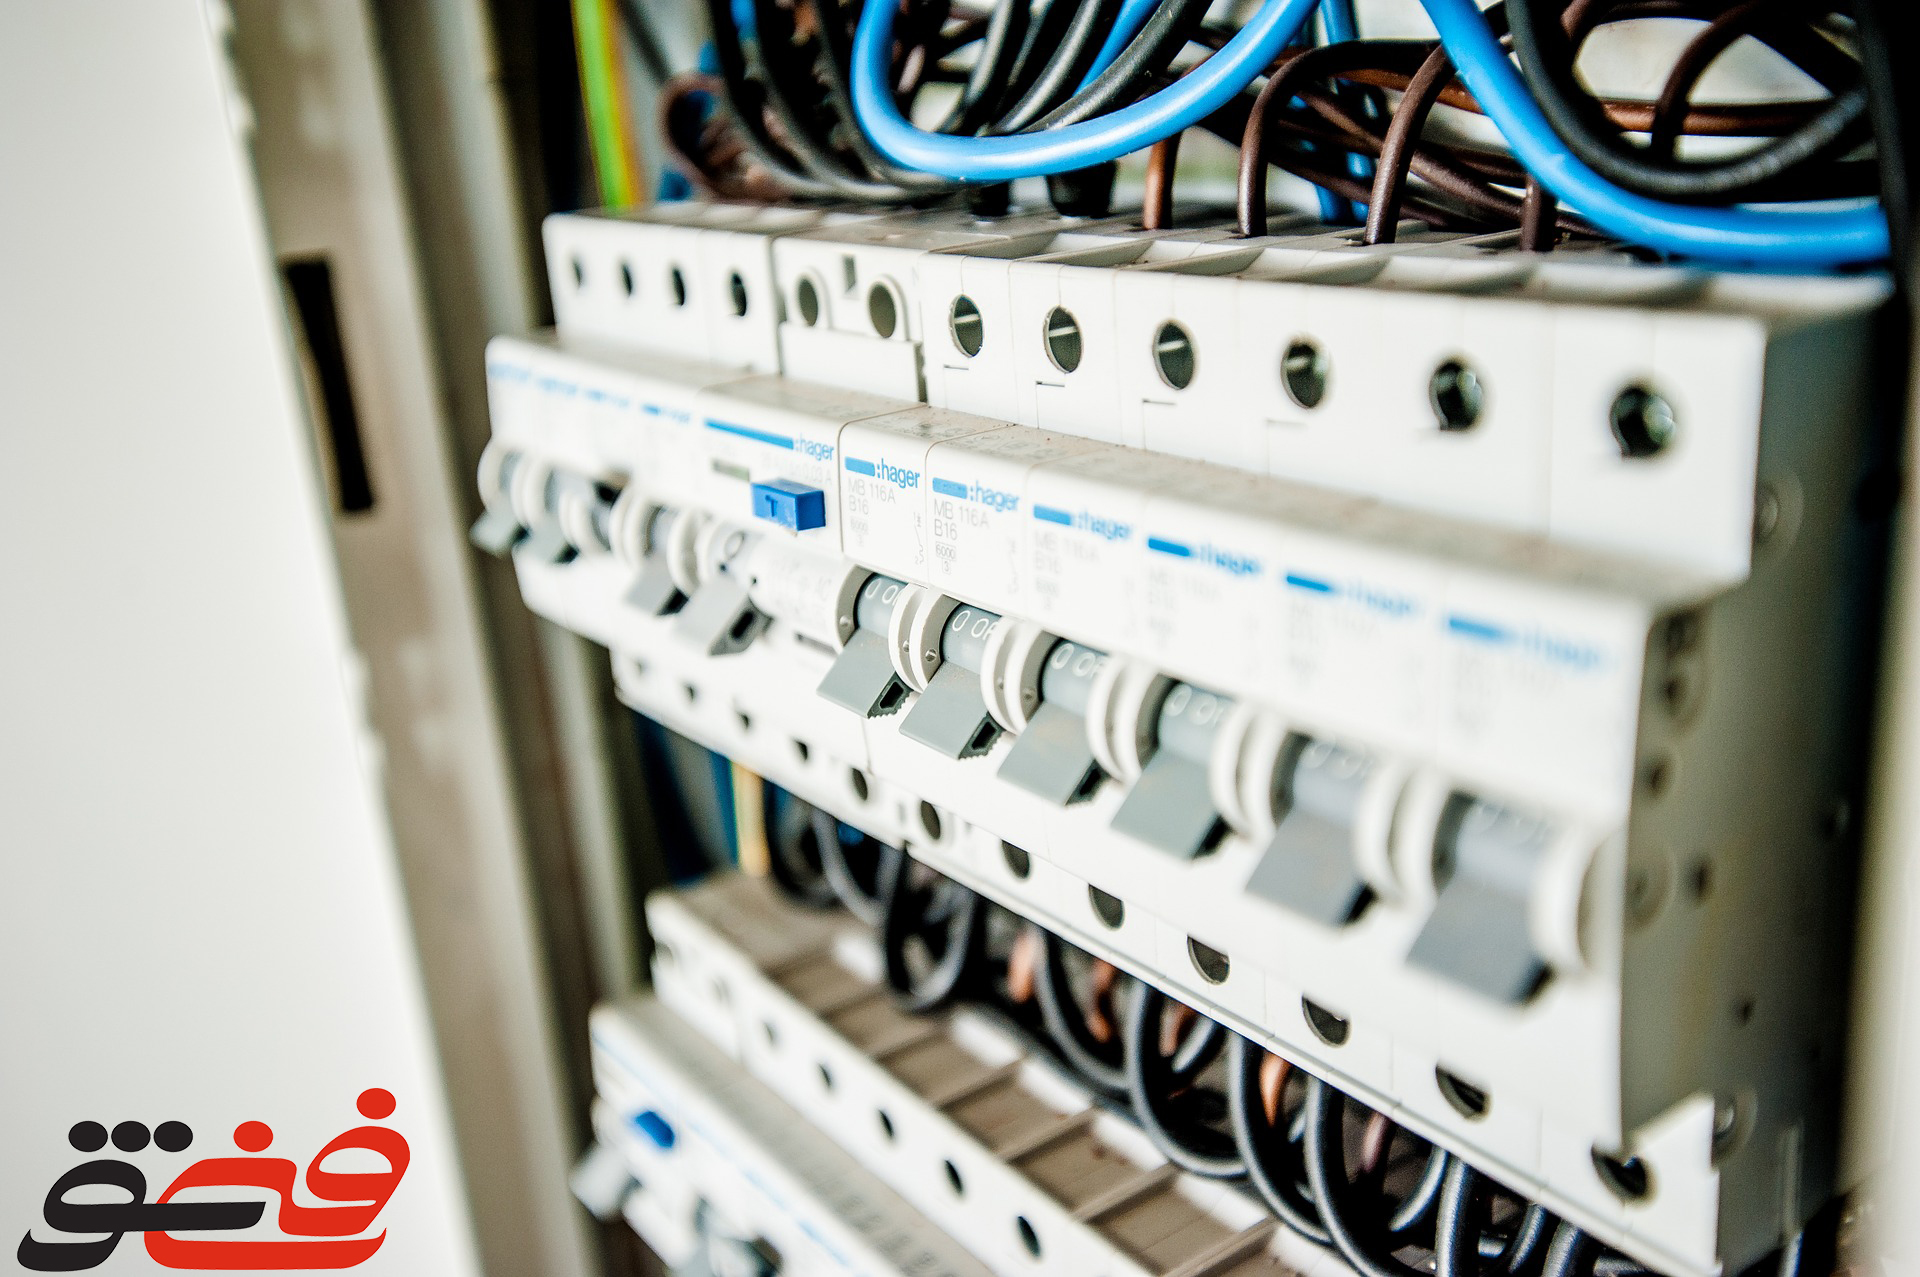 سیم کشی برق ساختمان,مراحل برق کشی ساختمان,آموزش برق ساختمان,